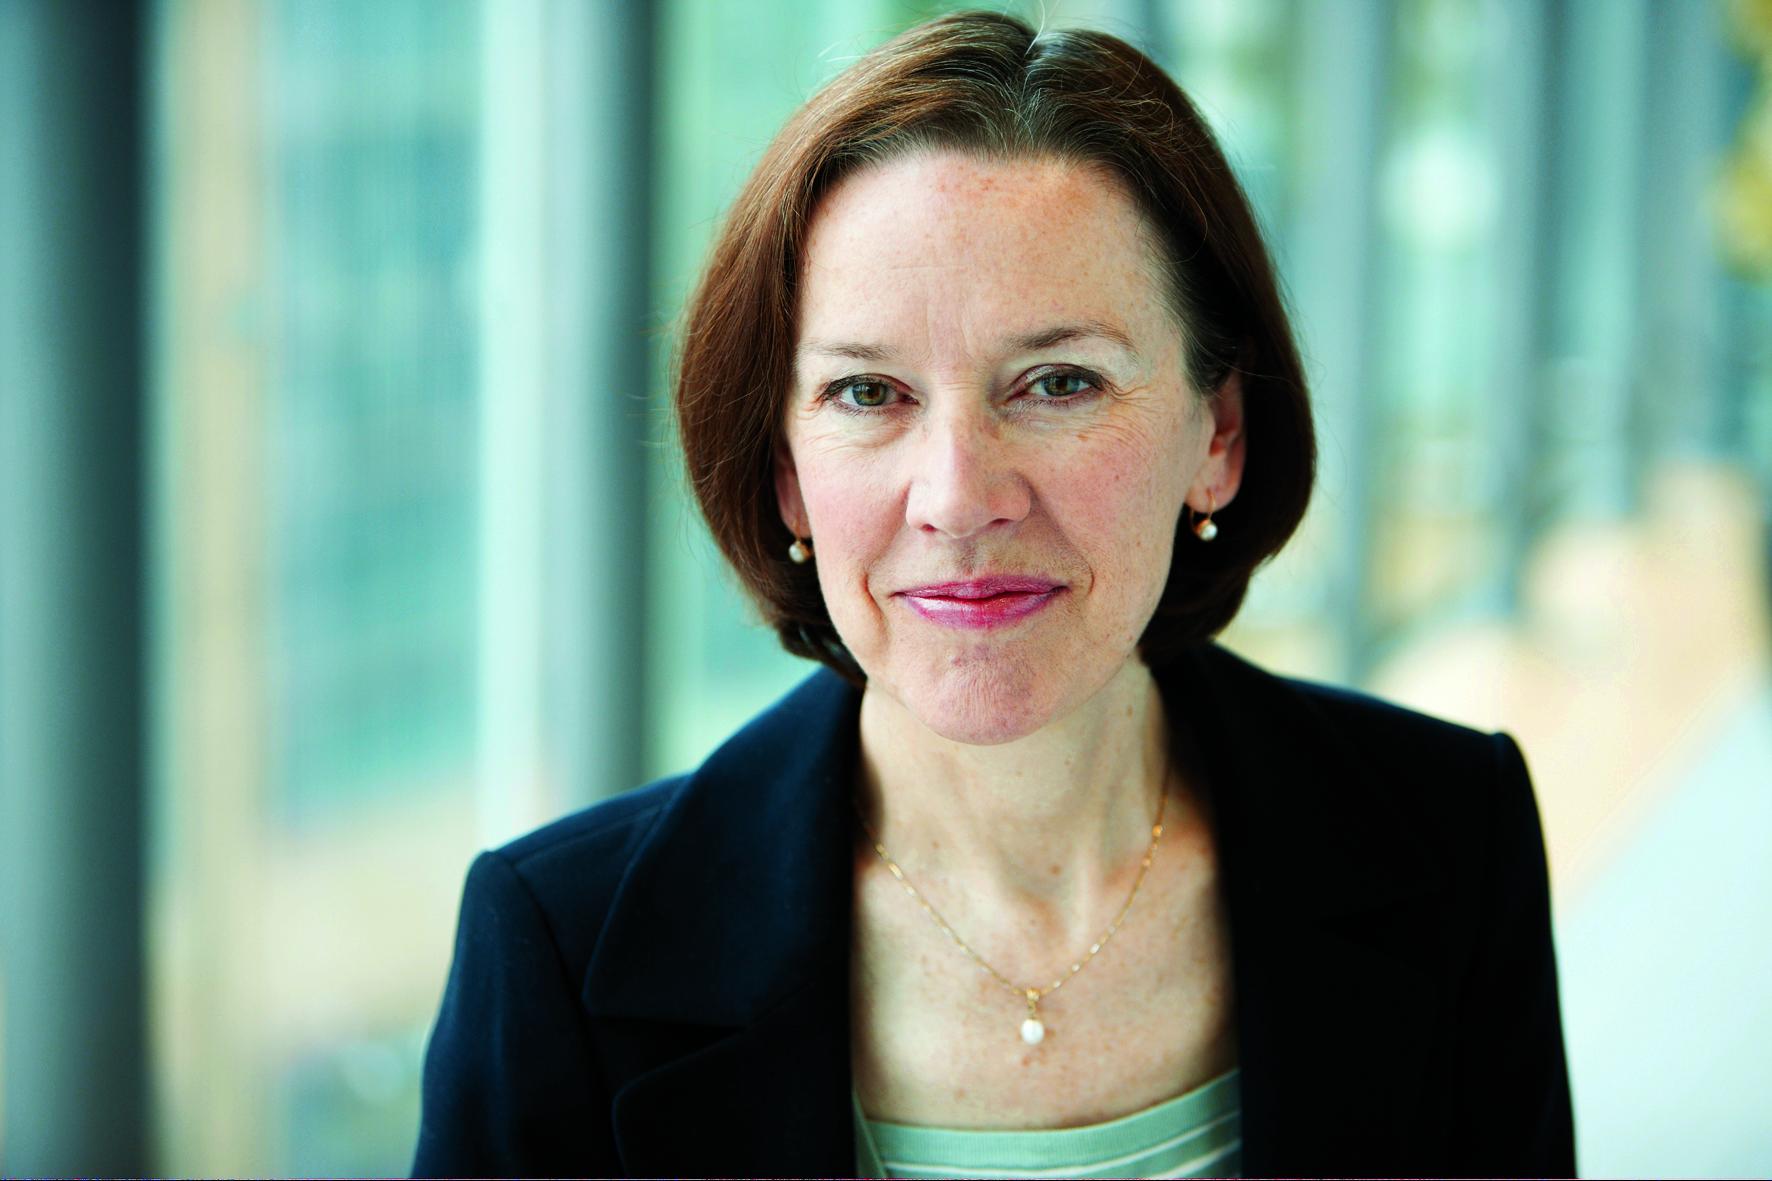 Linda Holbeche